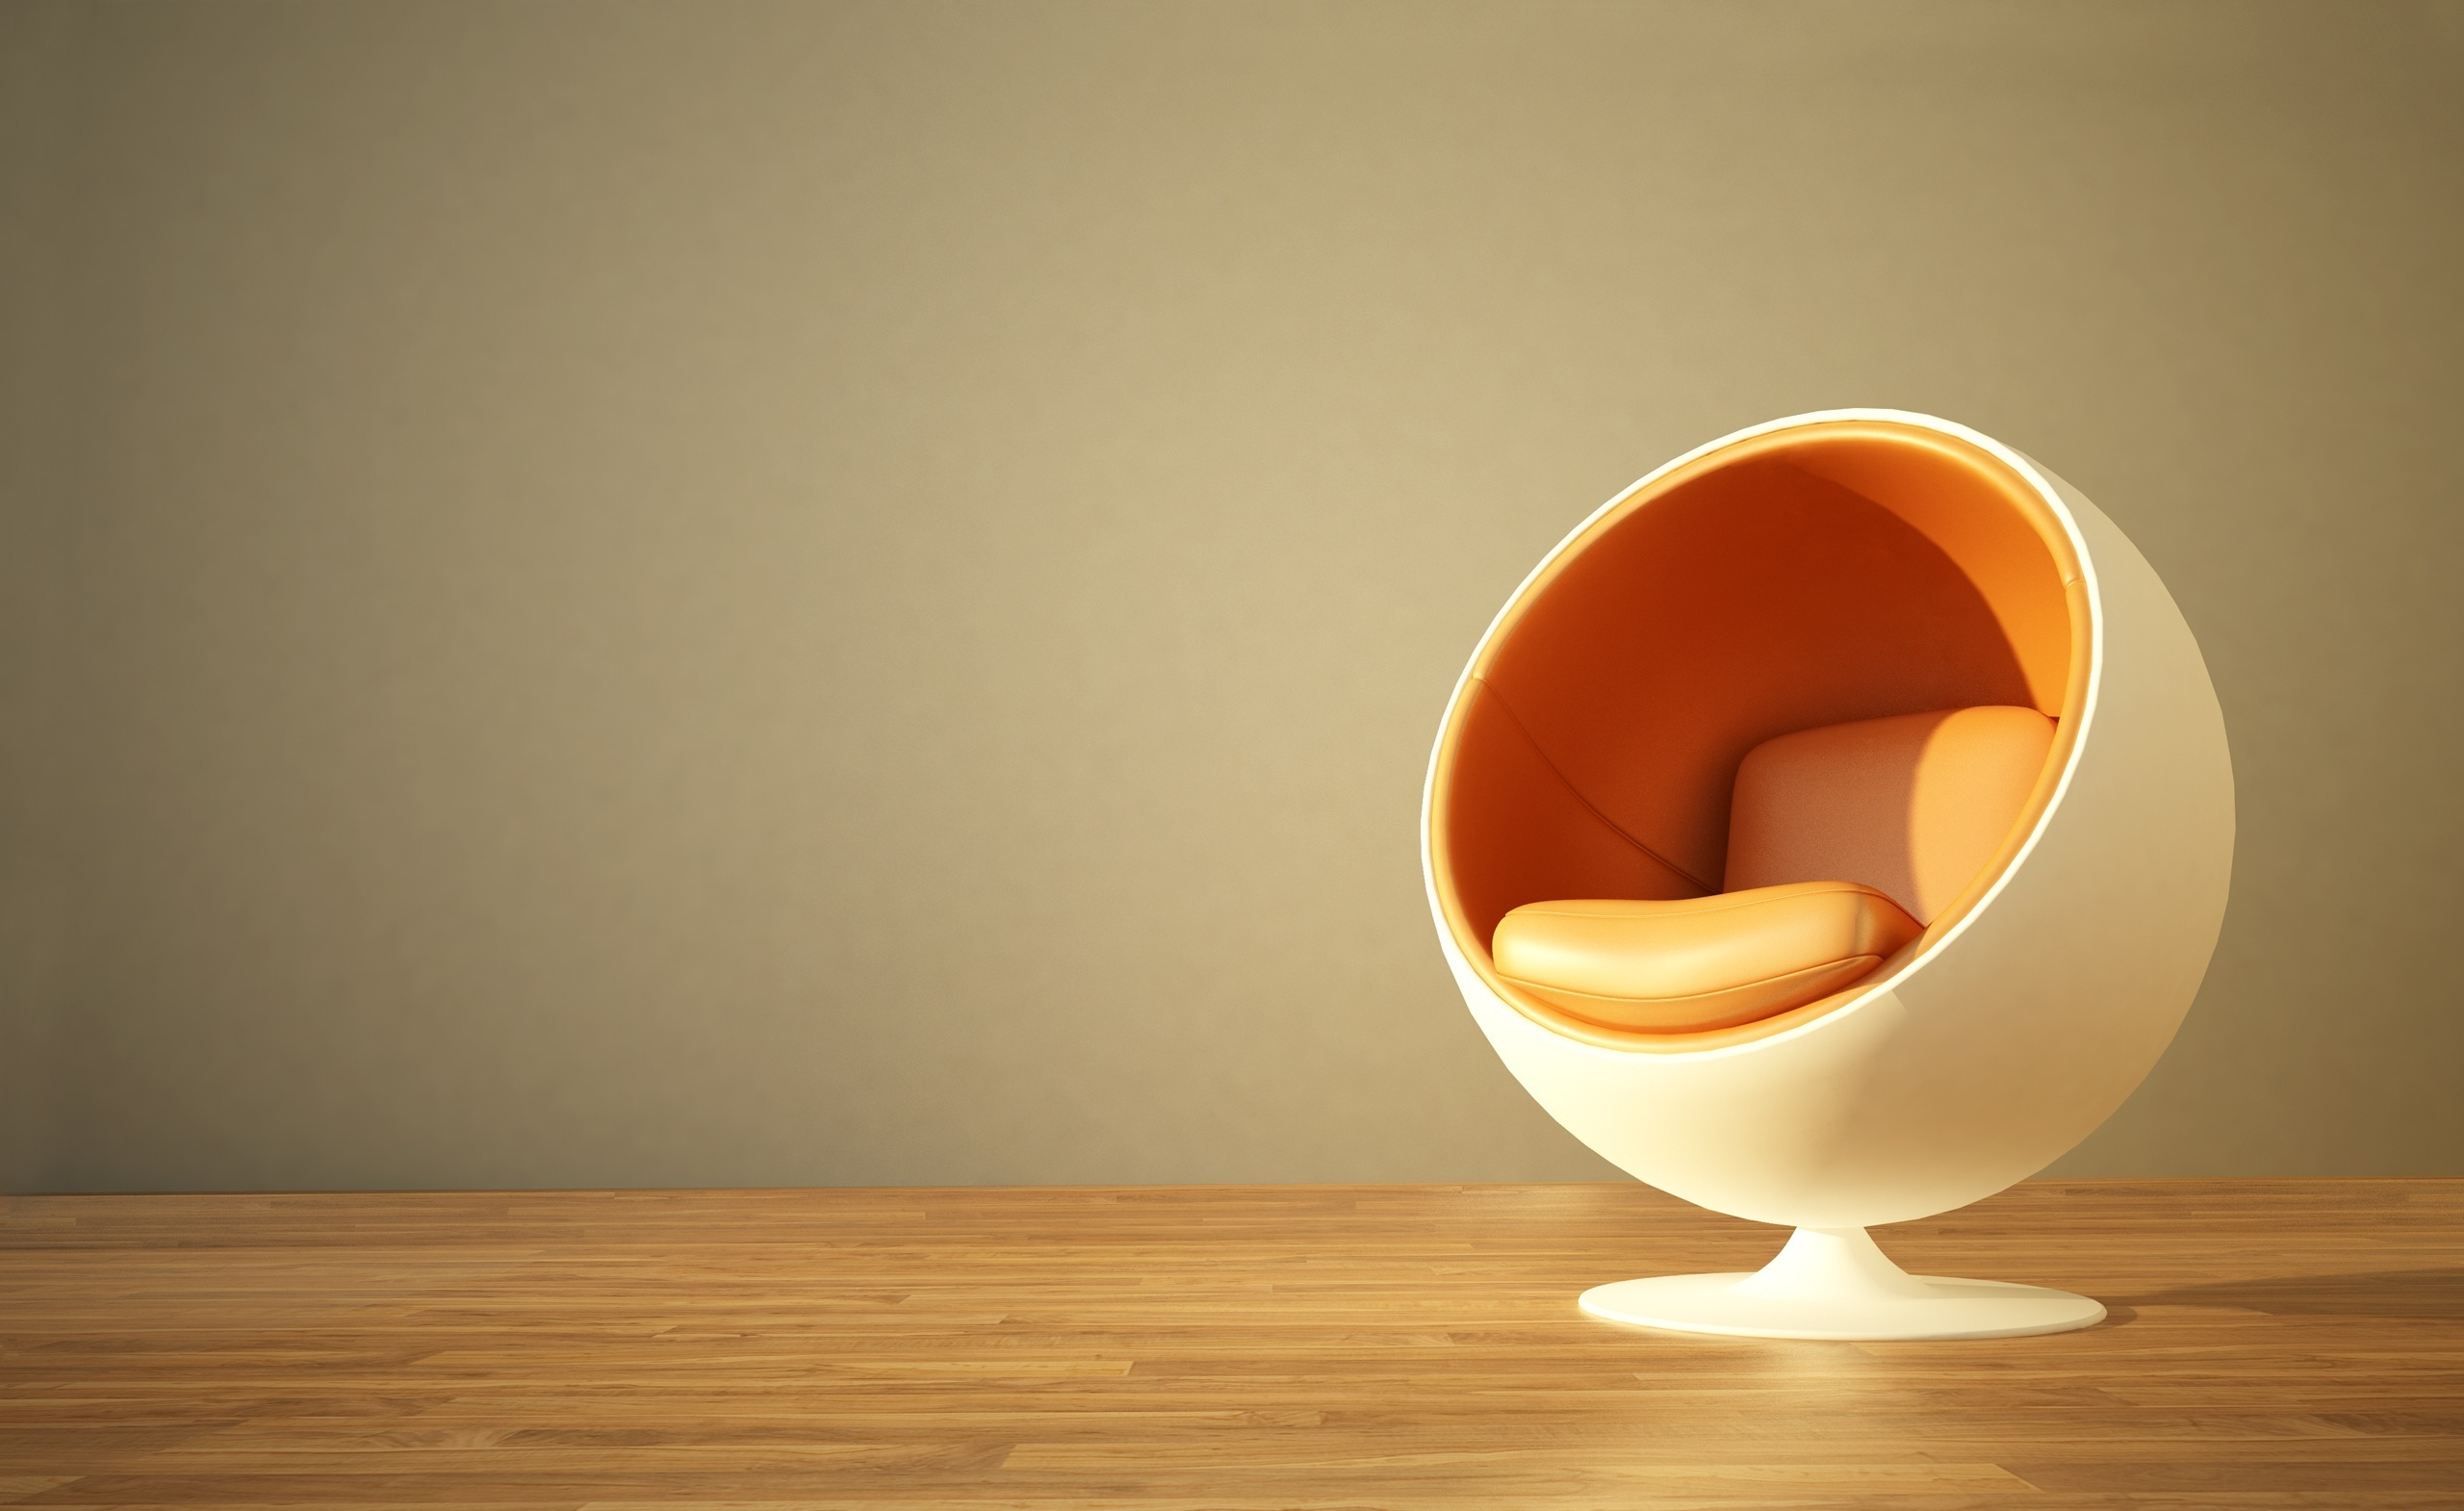 Синие стулья  № 1749832 без смс